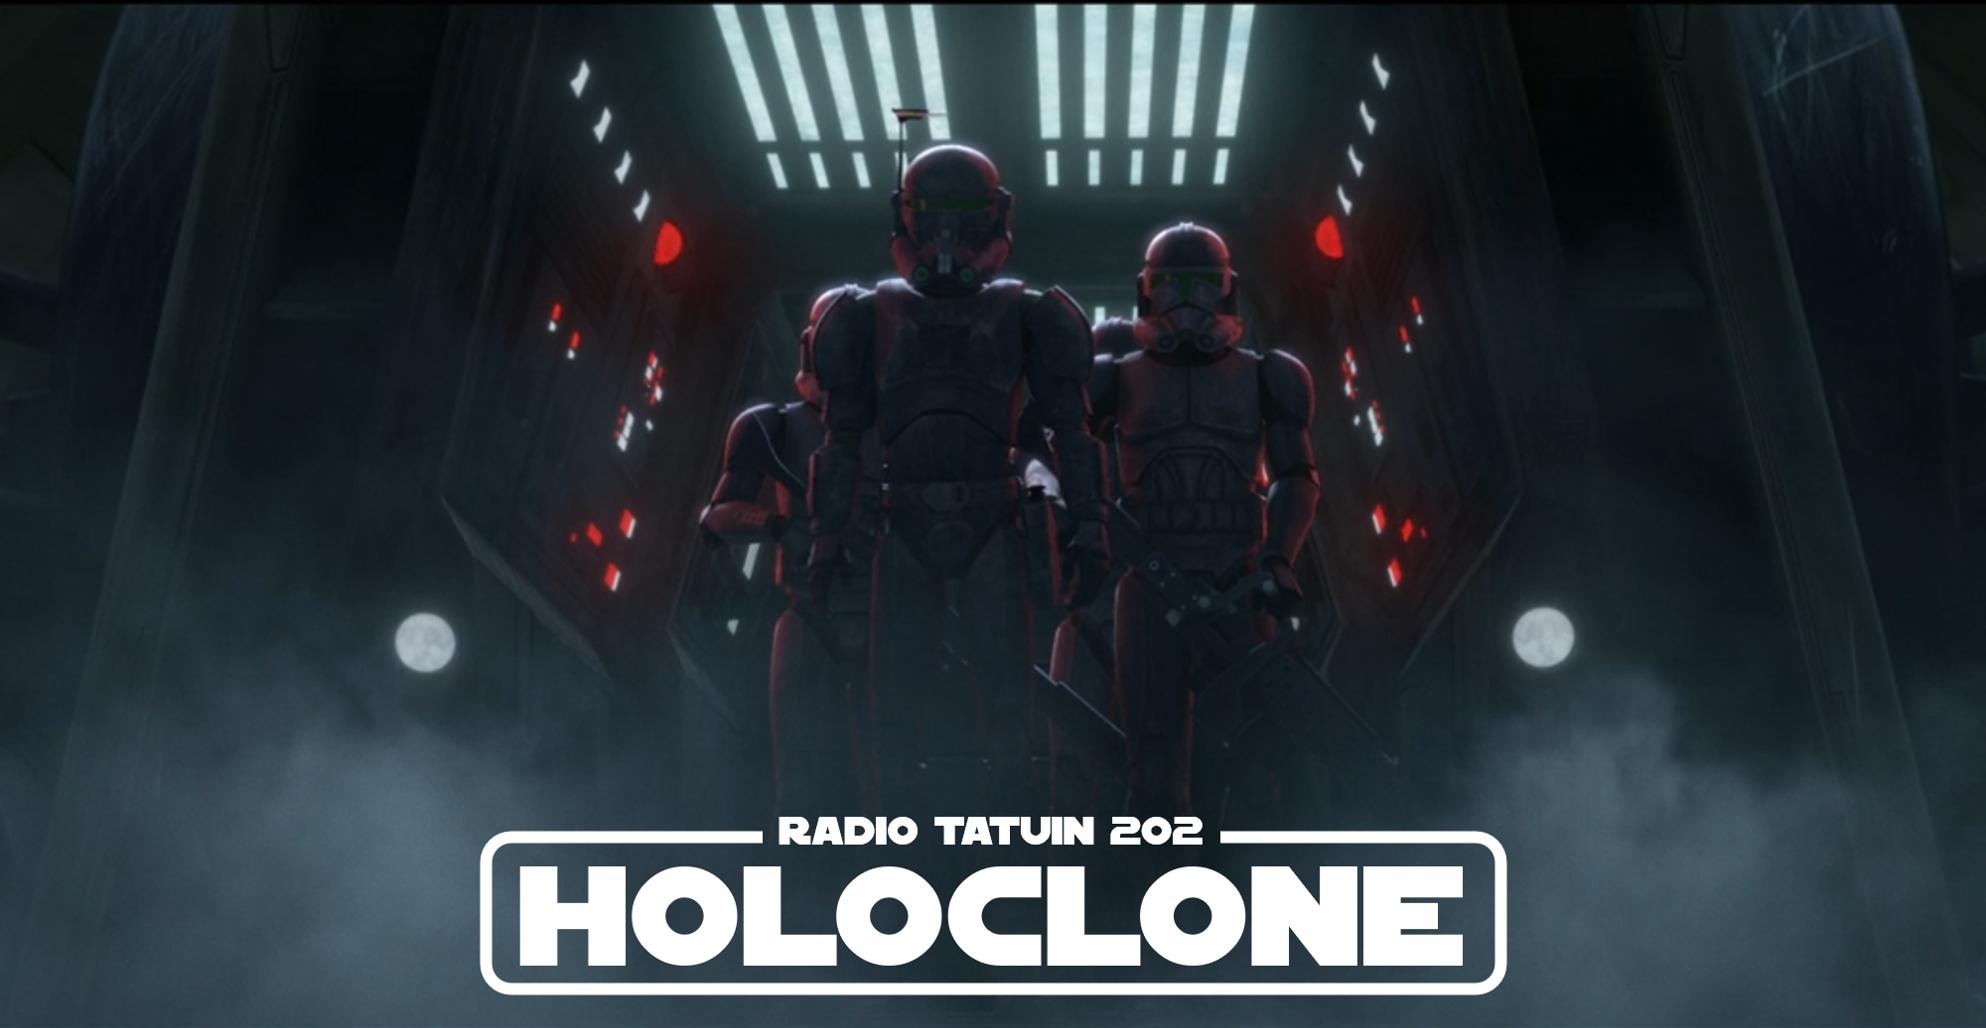 HoloCloneBadBatch2